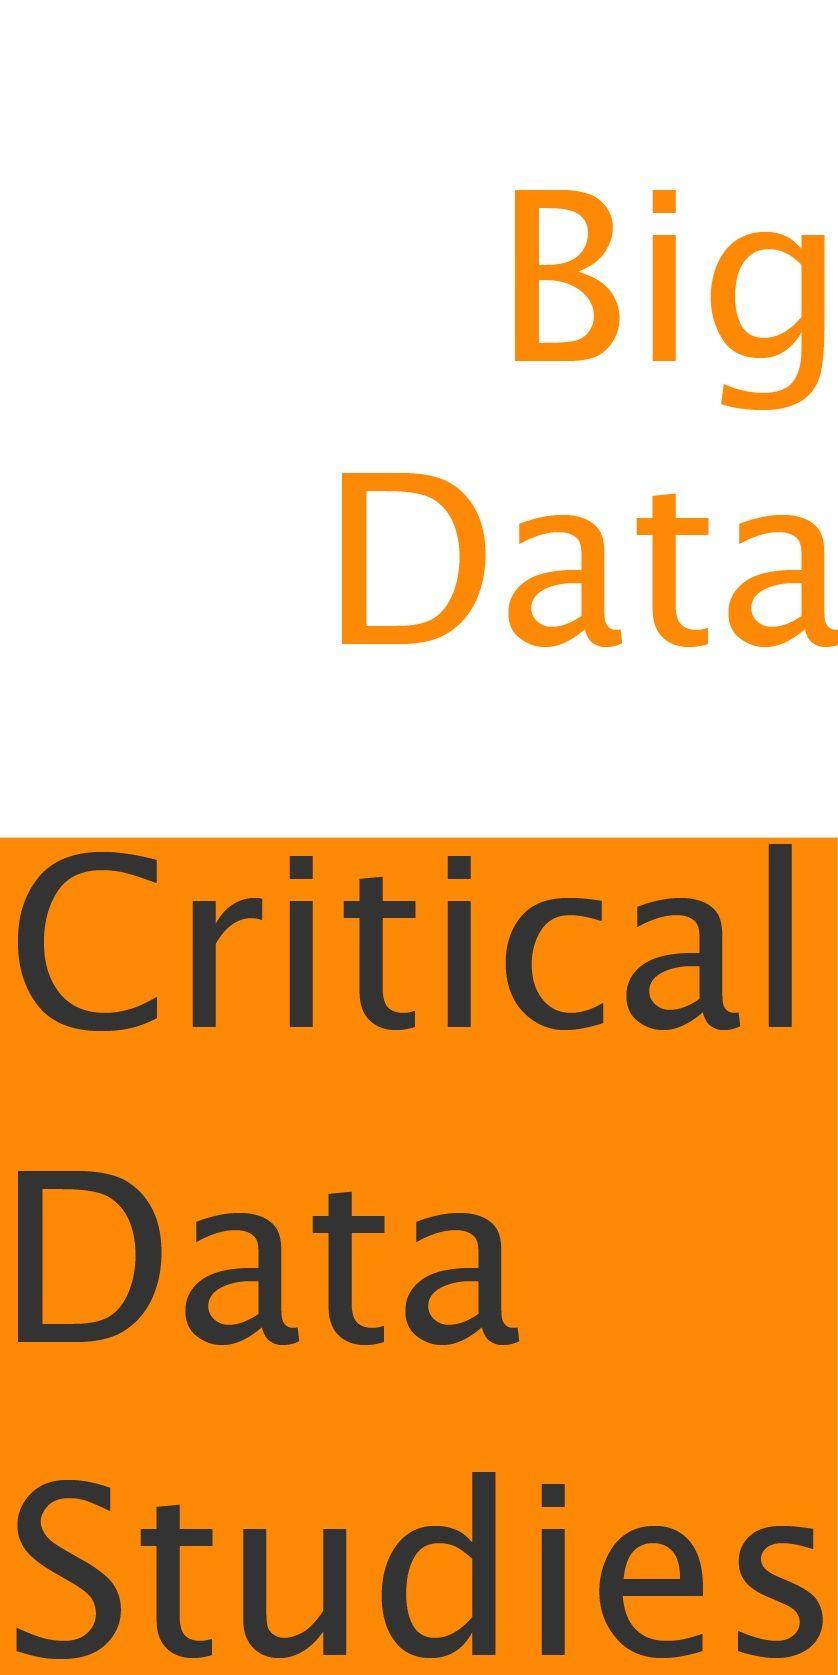 Craig dalton and jim thatcher what does a critical data